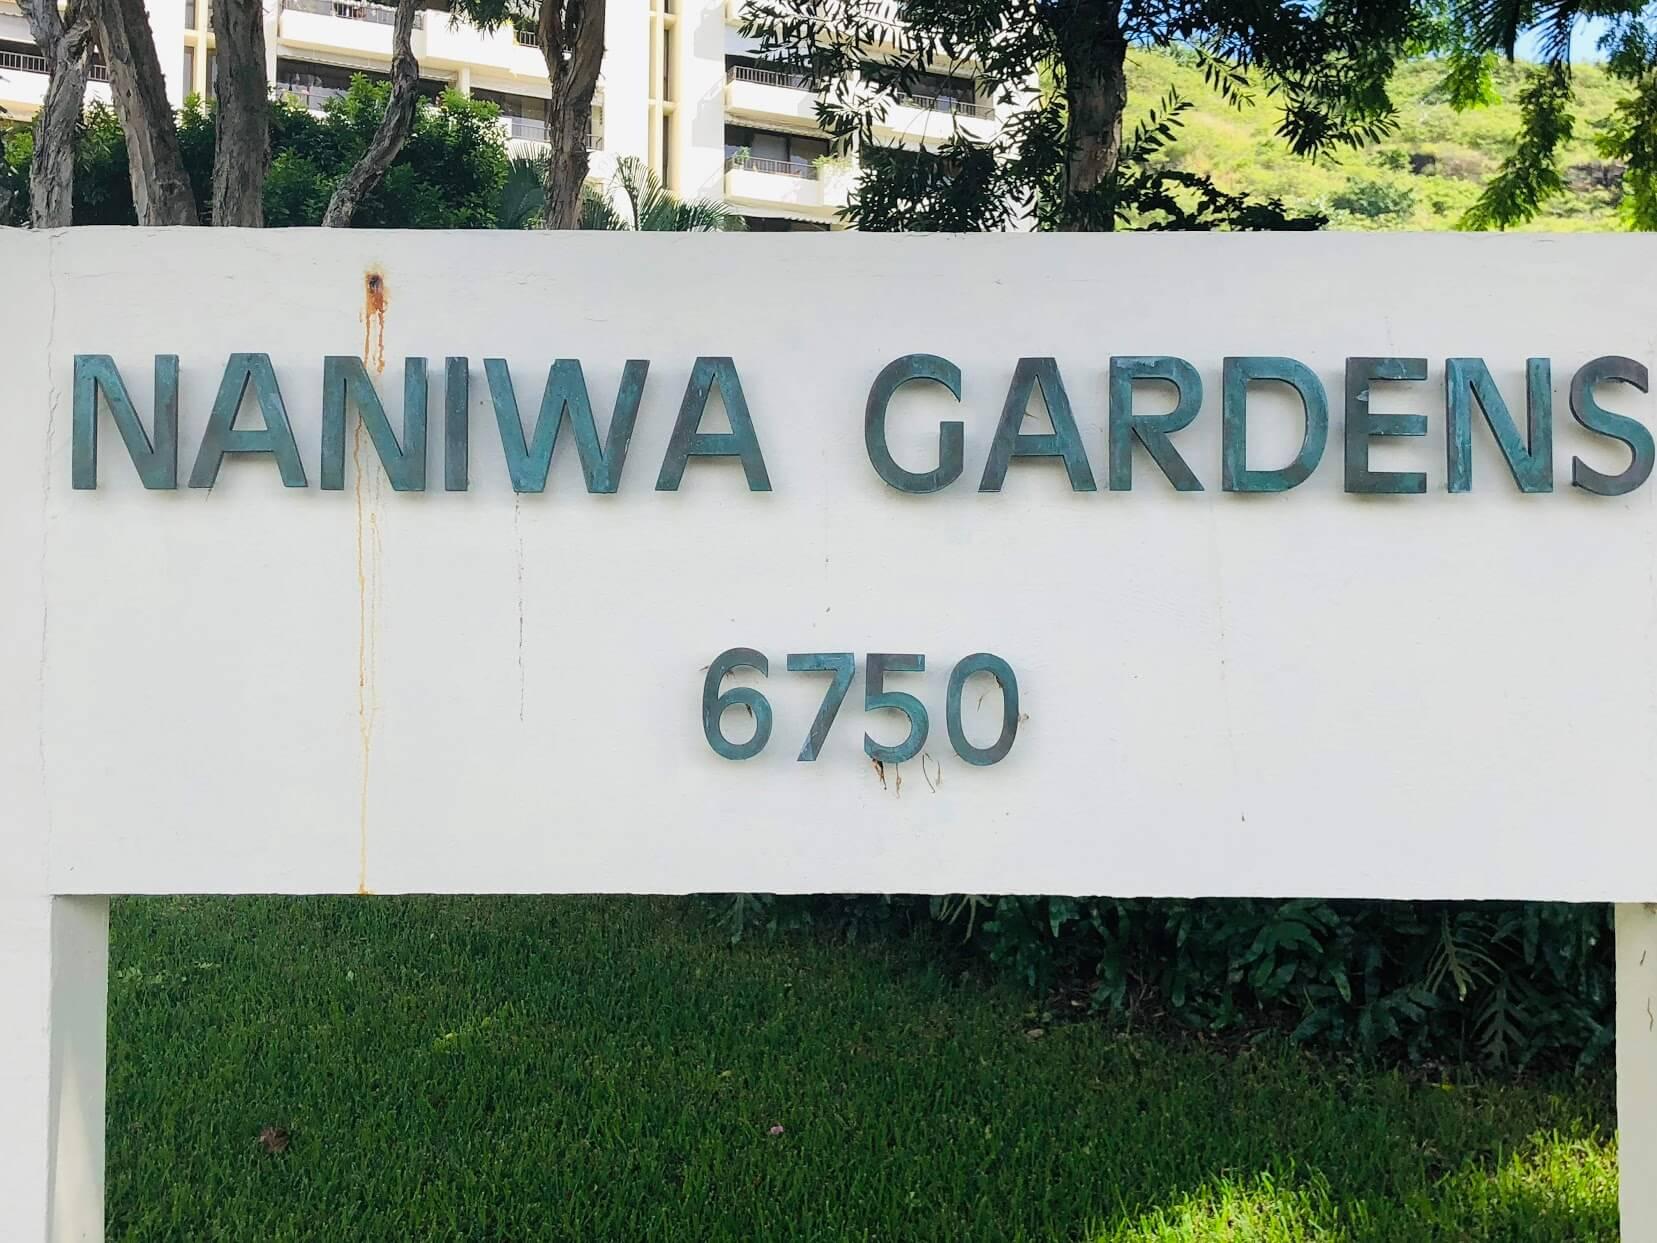 Naniwa Gardensの看板